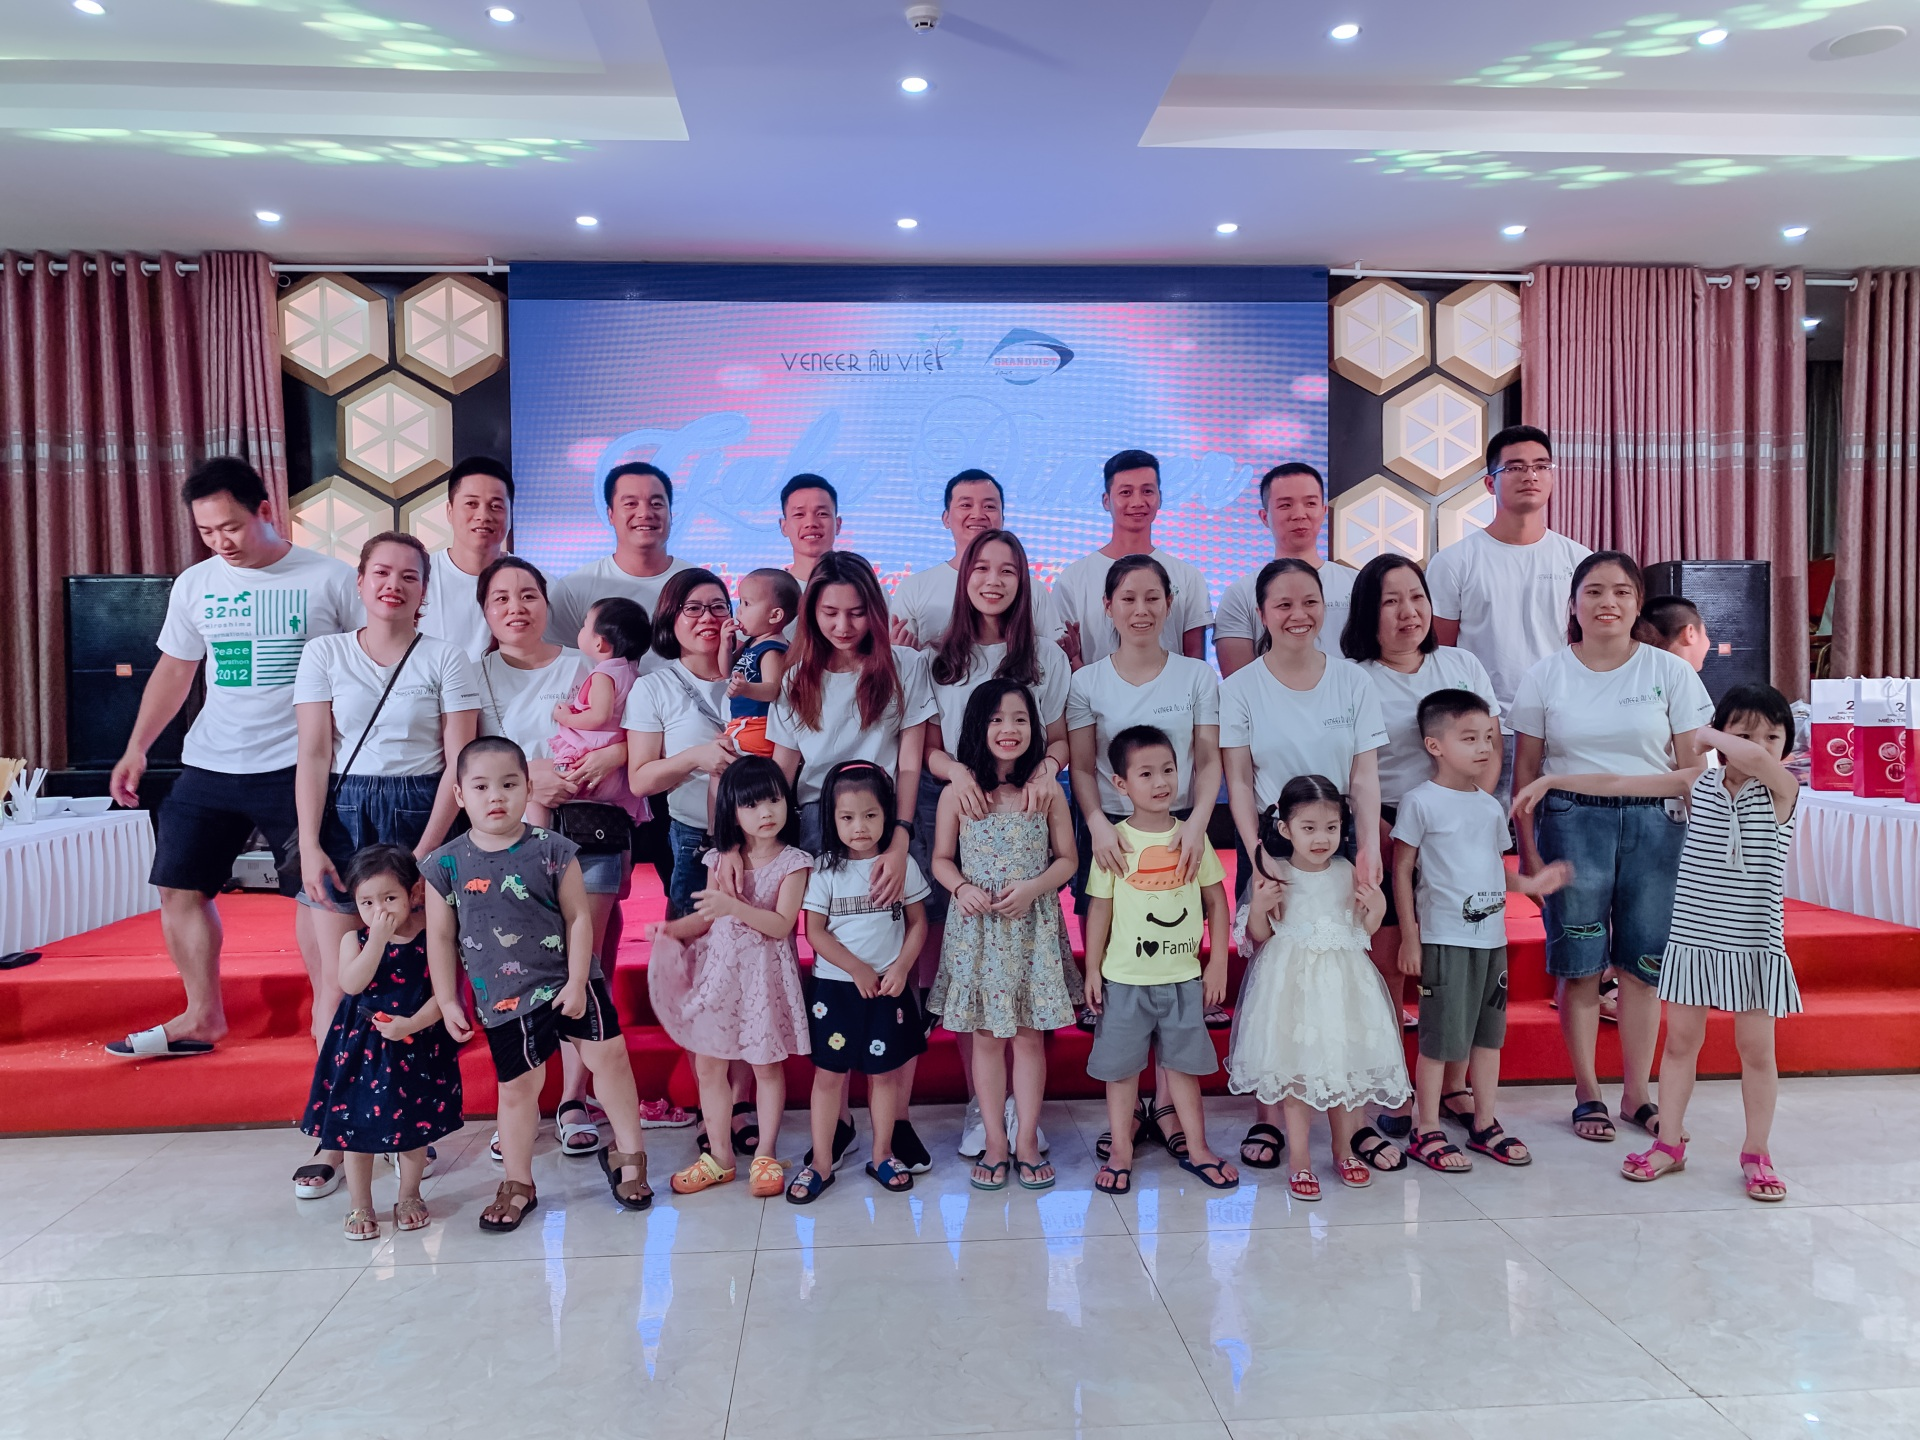 Tổ chức du lịch biển cho cán bộ nhân viên công ty Veneer Âu Việt